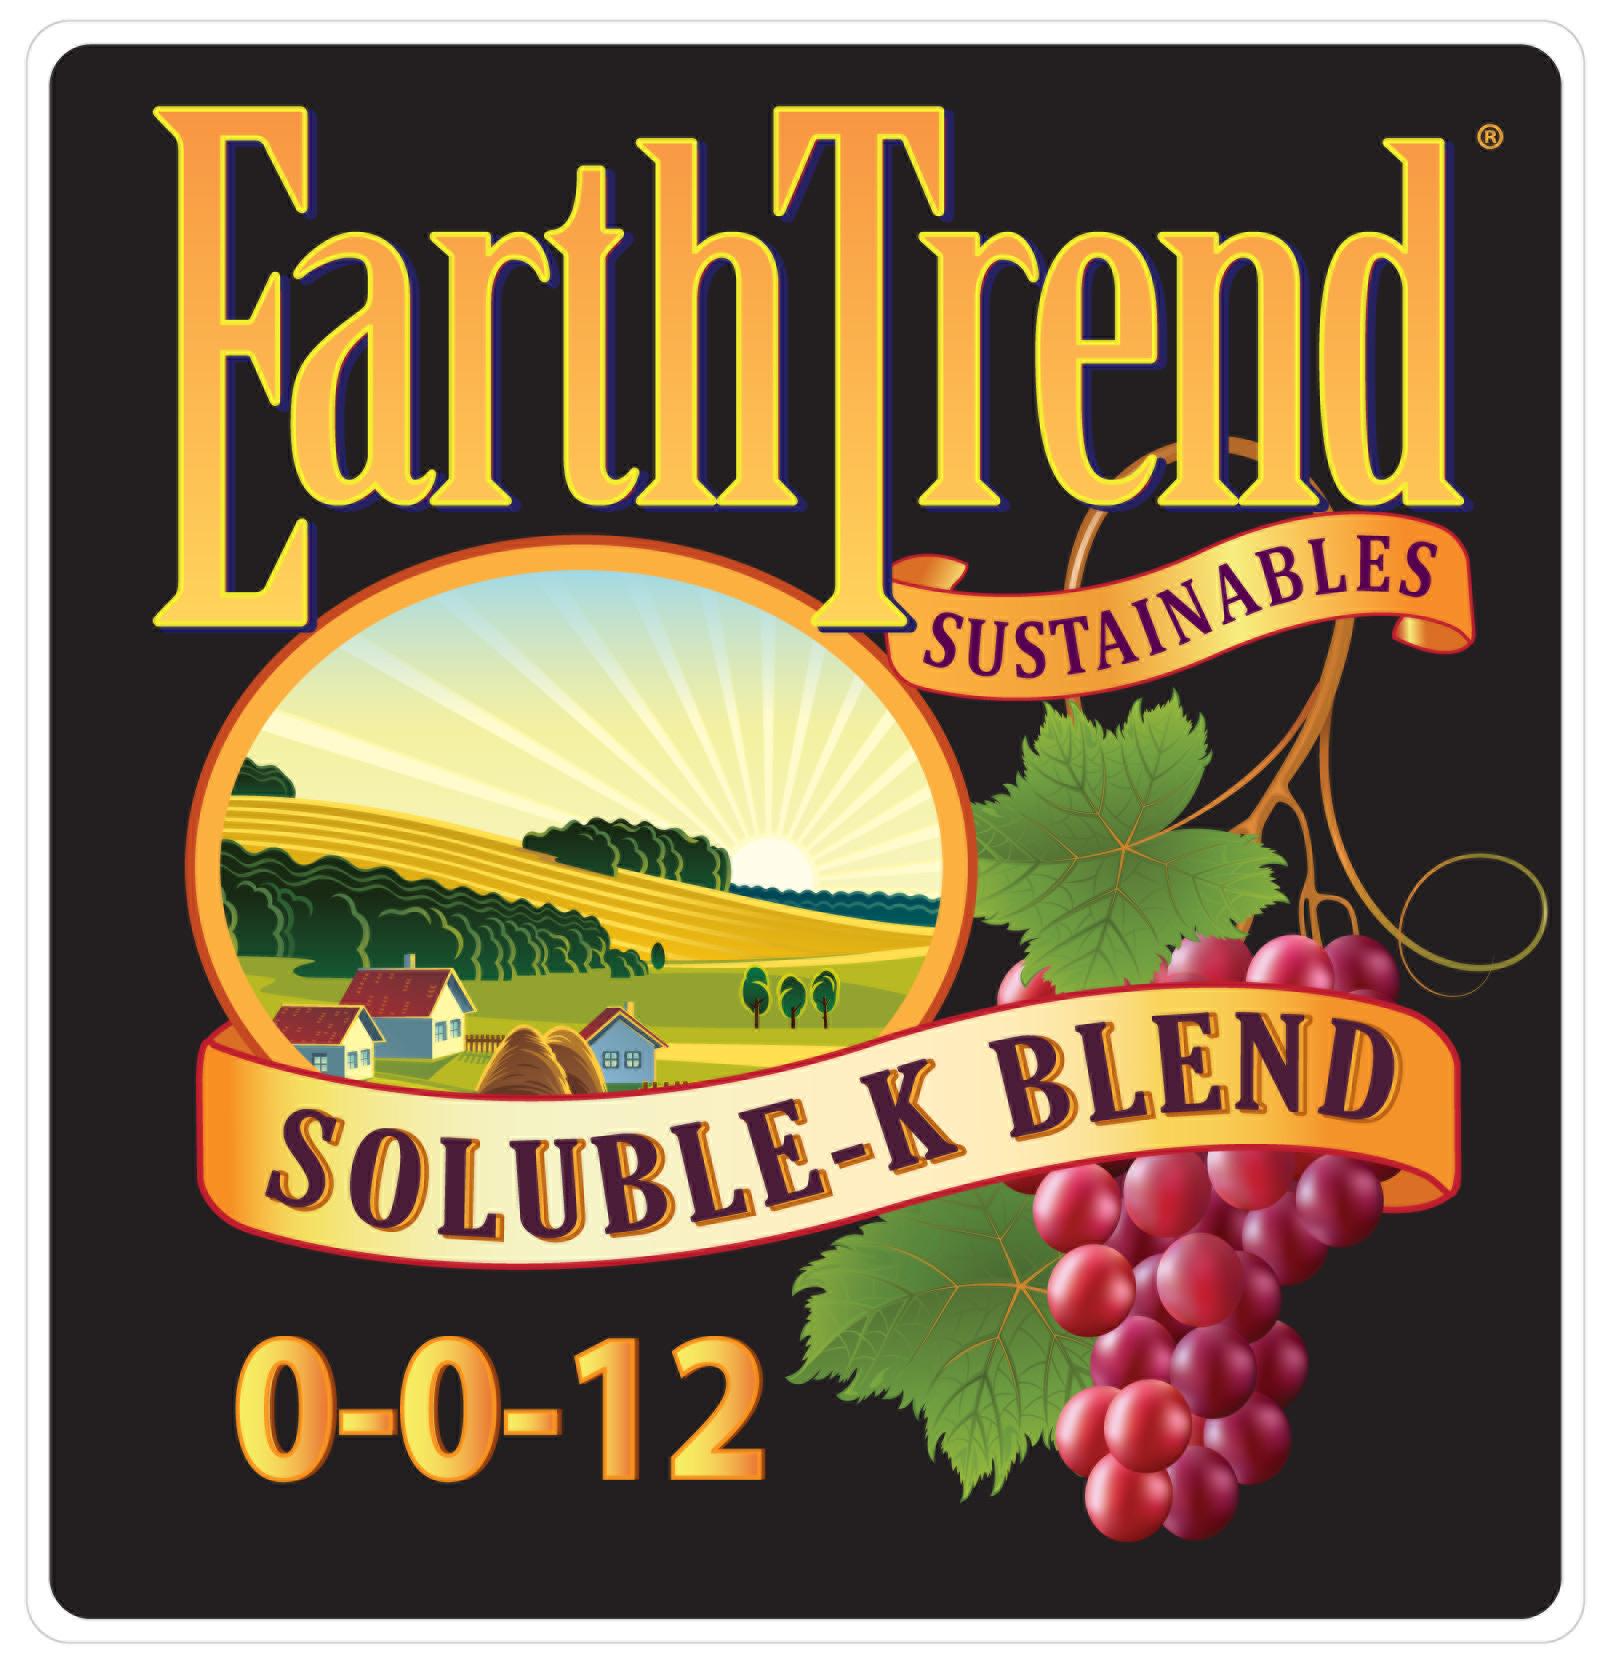 earthtrend soluble k blend